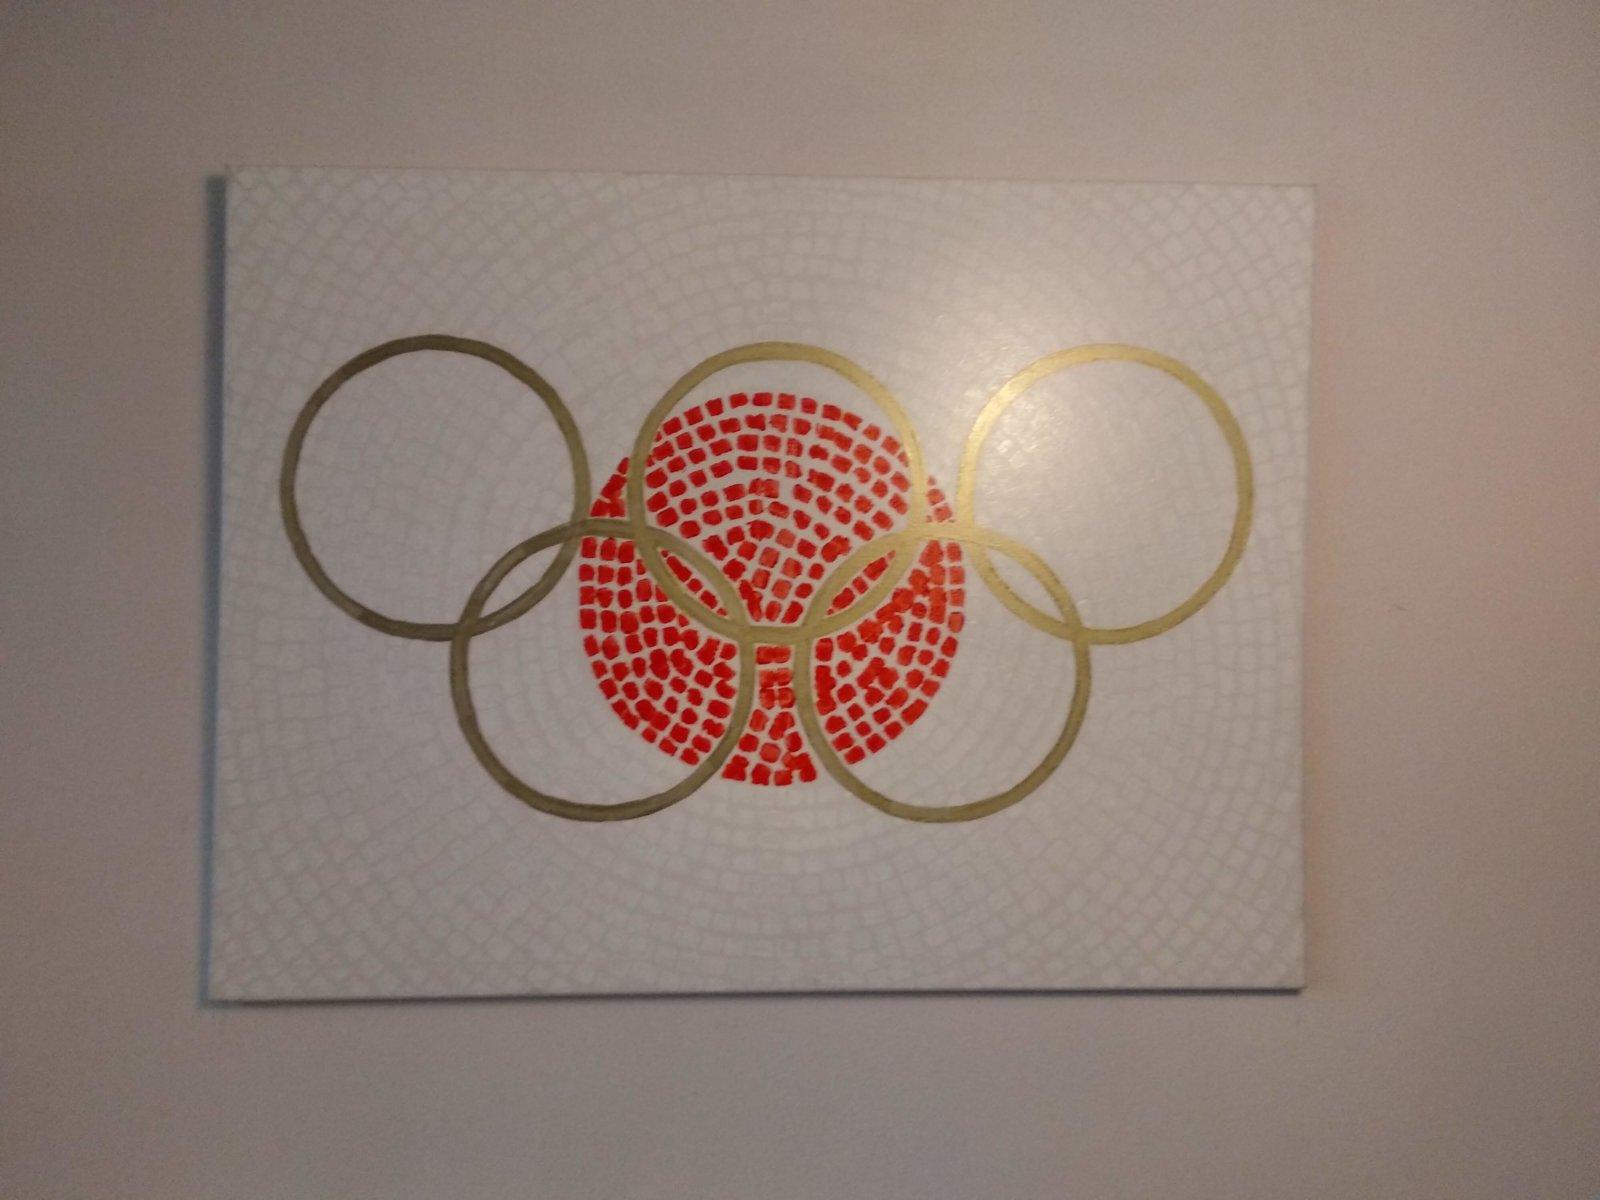 Schilderij Dromen Van Olympisch Goud In Tokio Decreatievelink